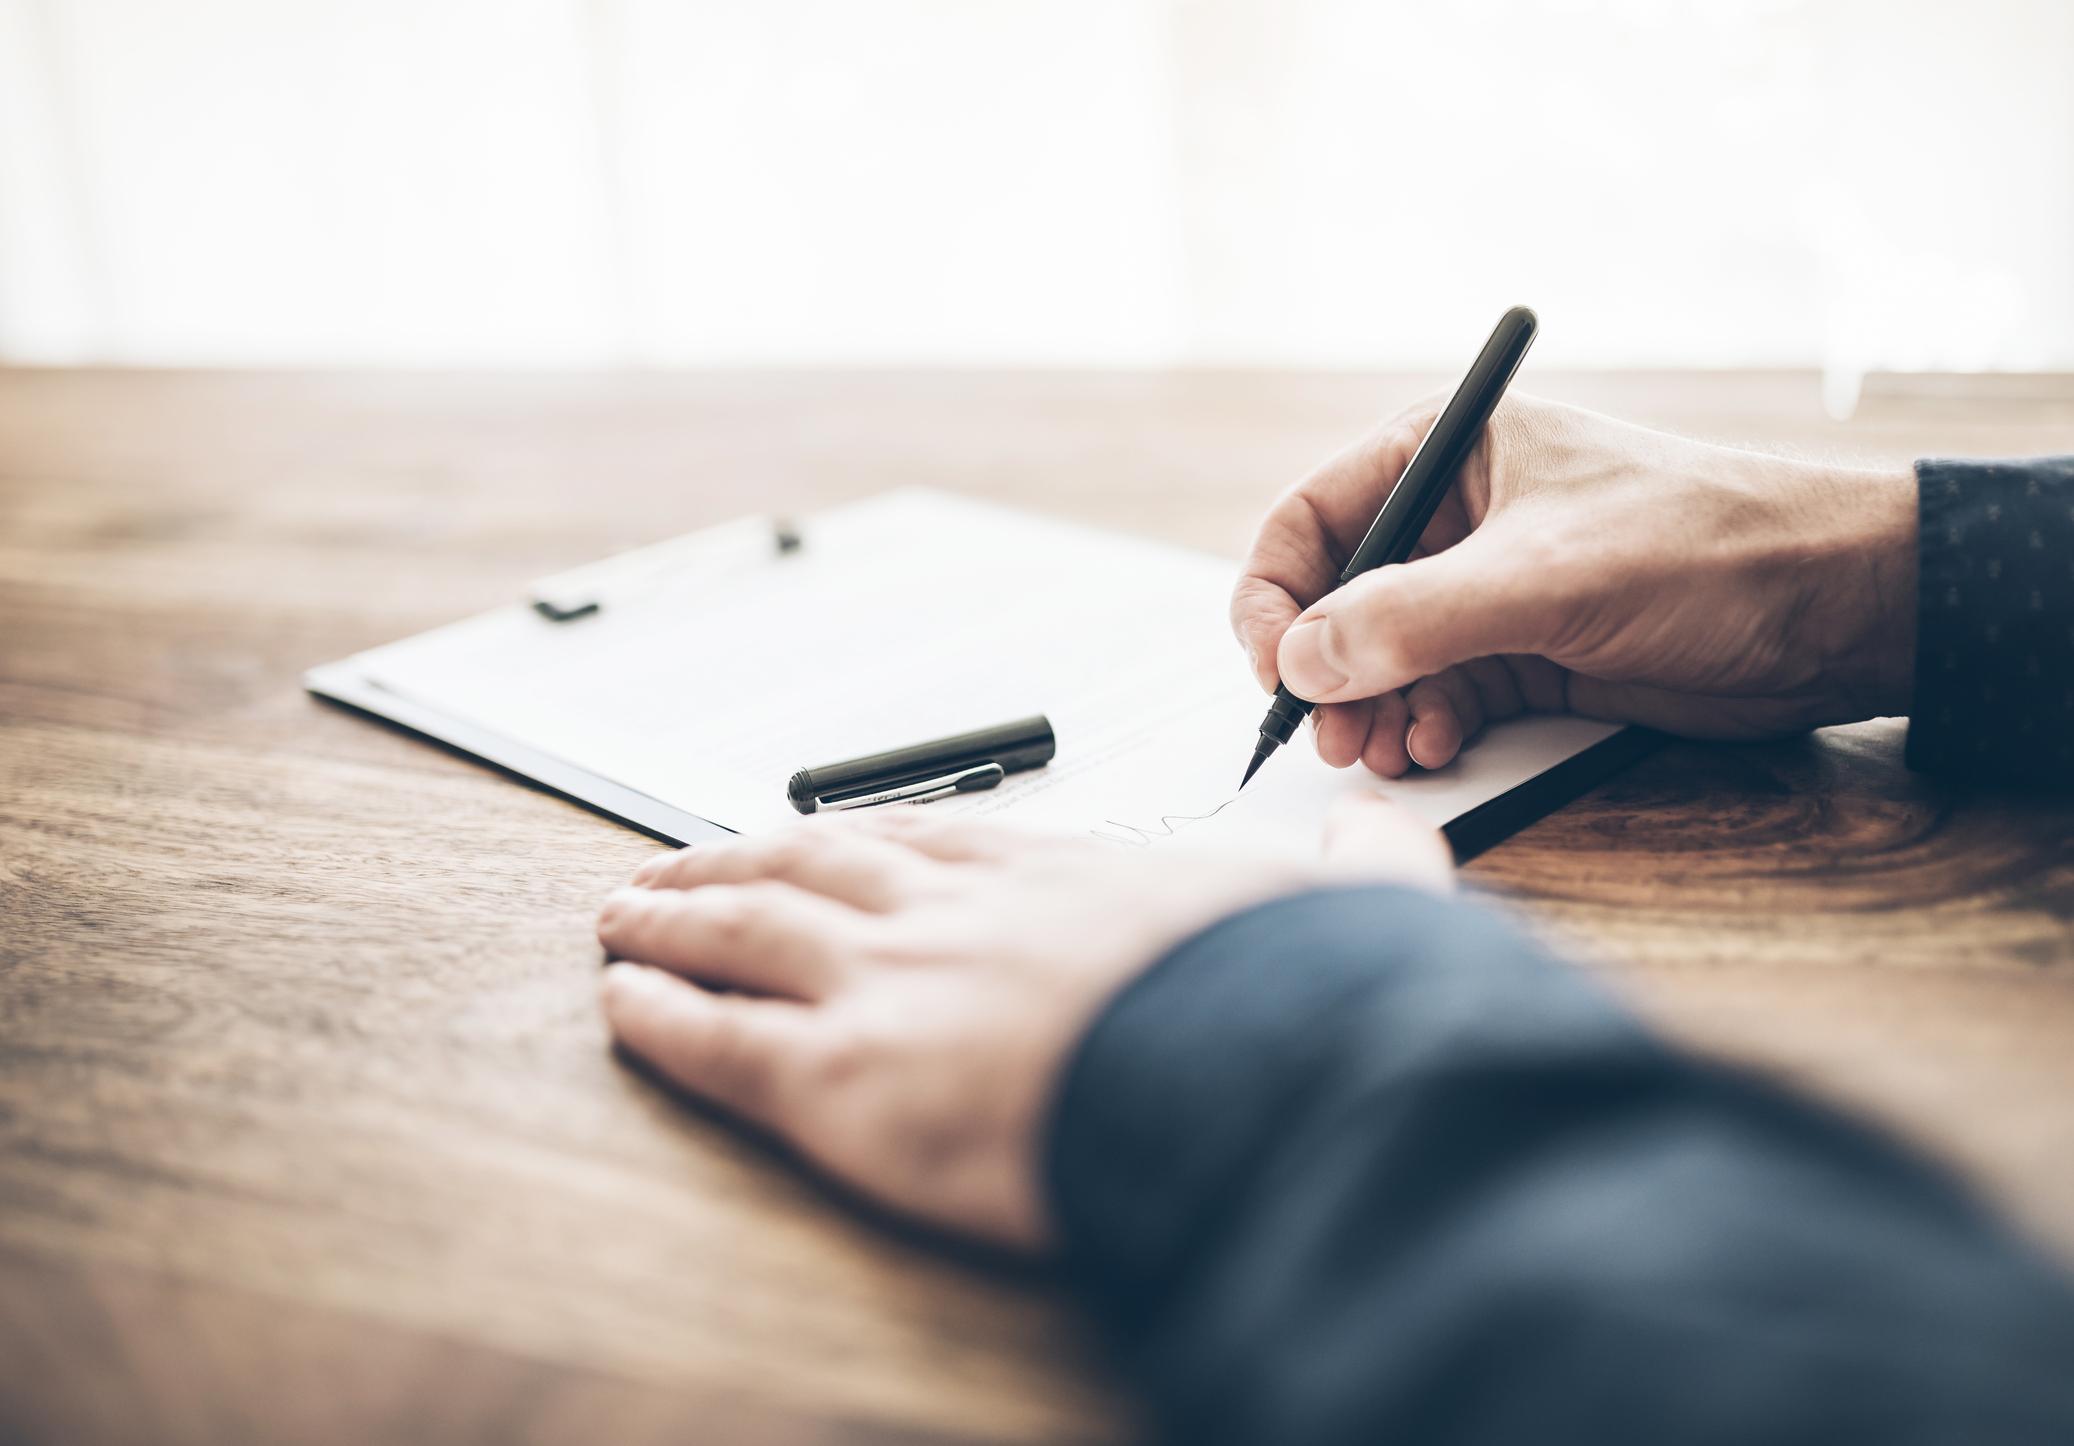 Per Hand: Setzt du das Testament selbst auf, solltest du es eigenhändig und handschriftlich niederschreiben. Andernfalls kann es anfechtbar sein.